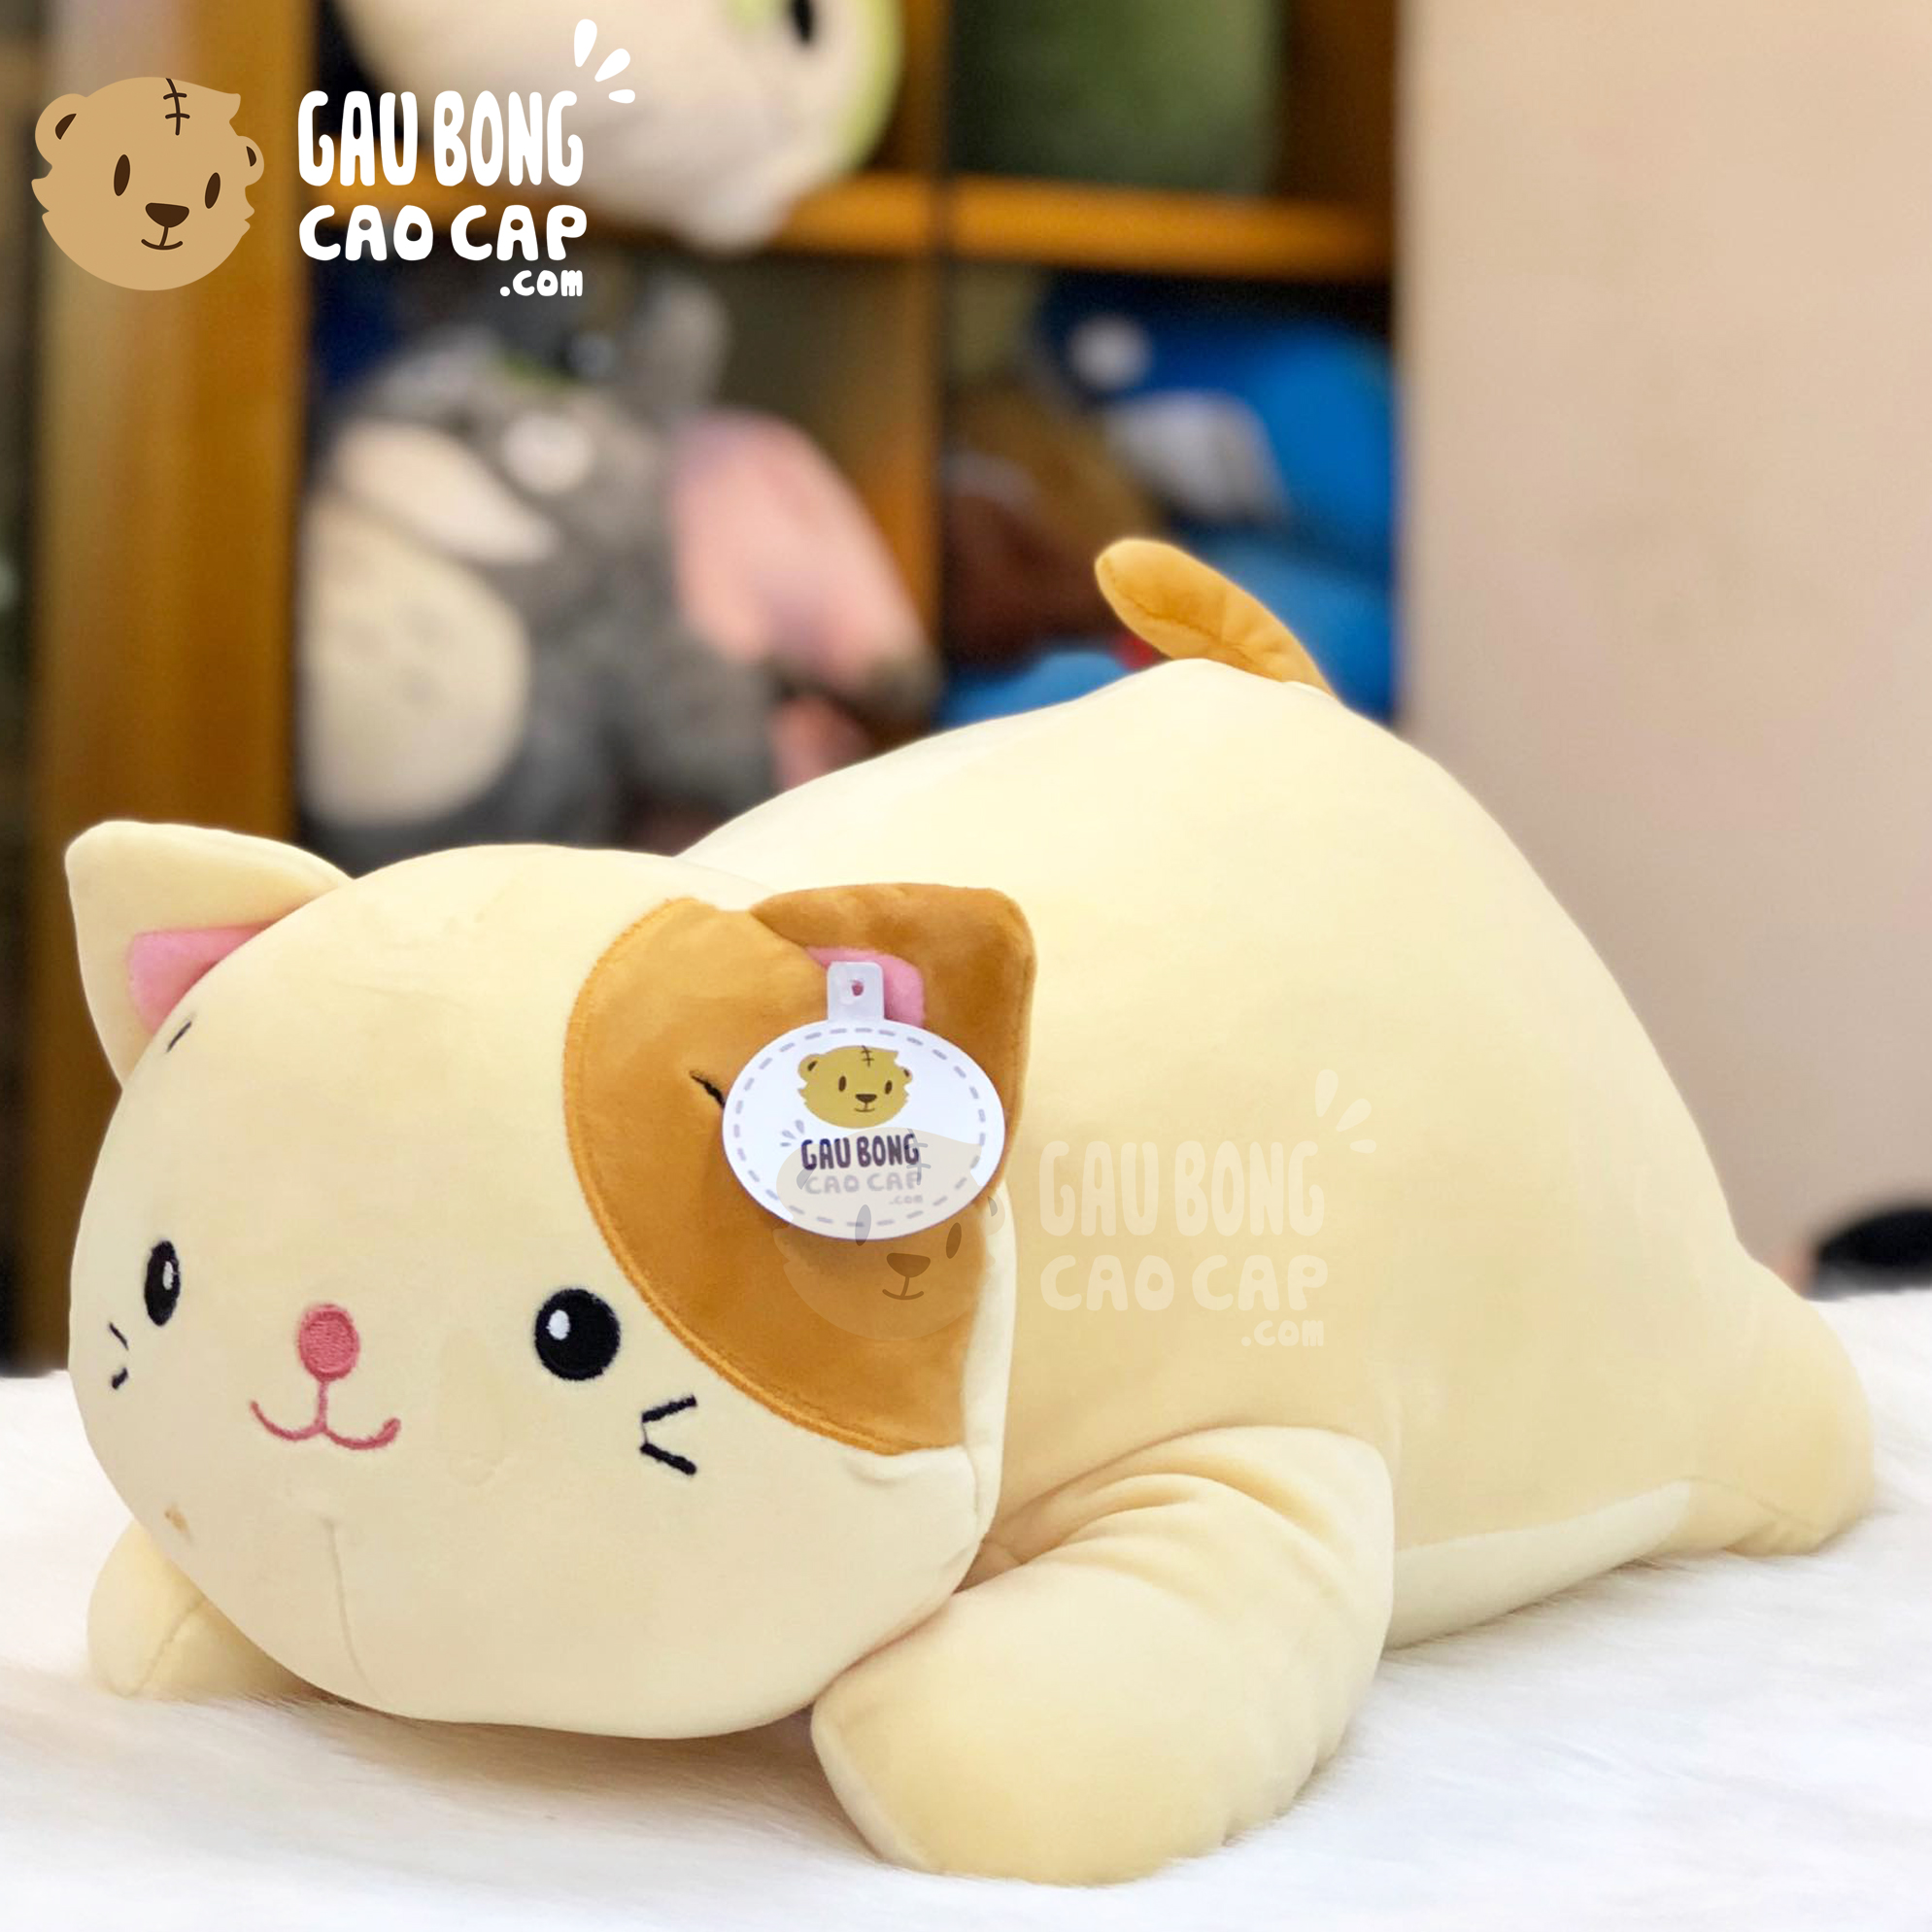 Mèo Bông nằm đuôi vàng lông mịn